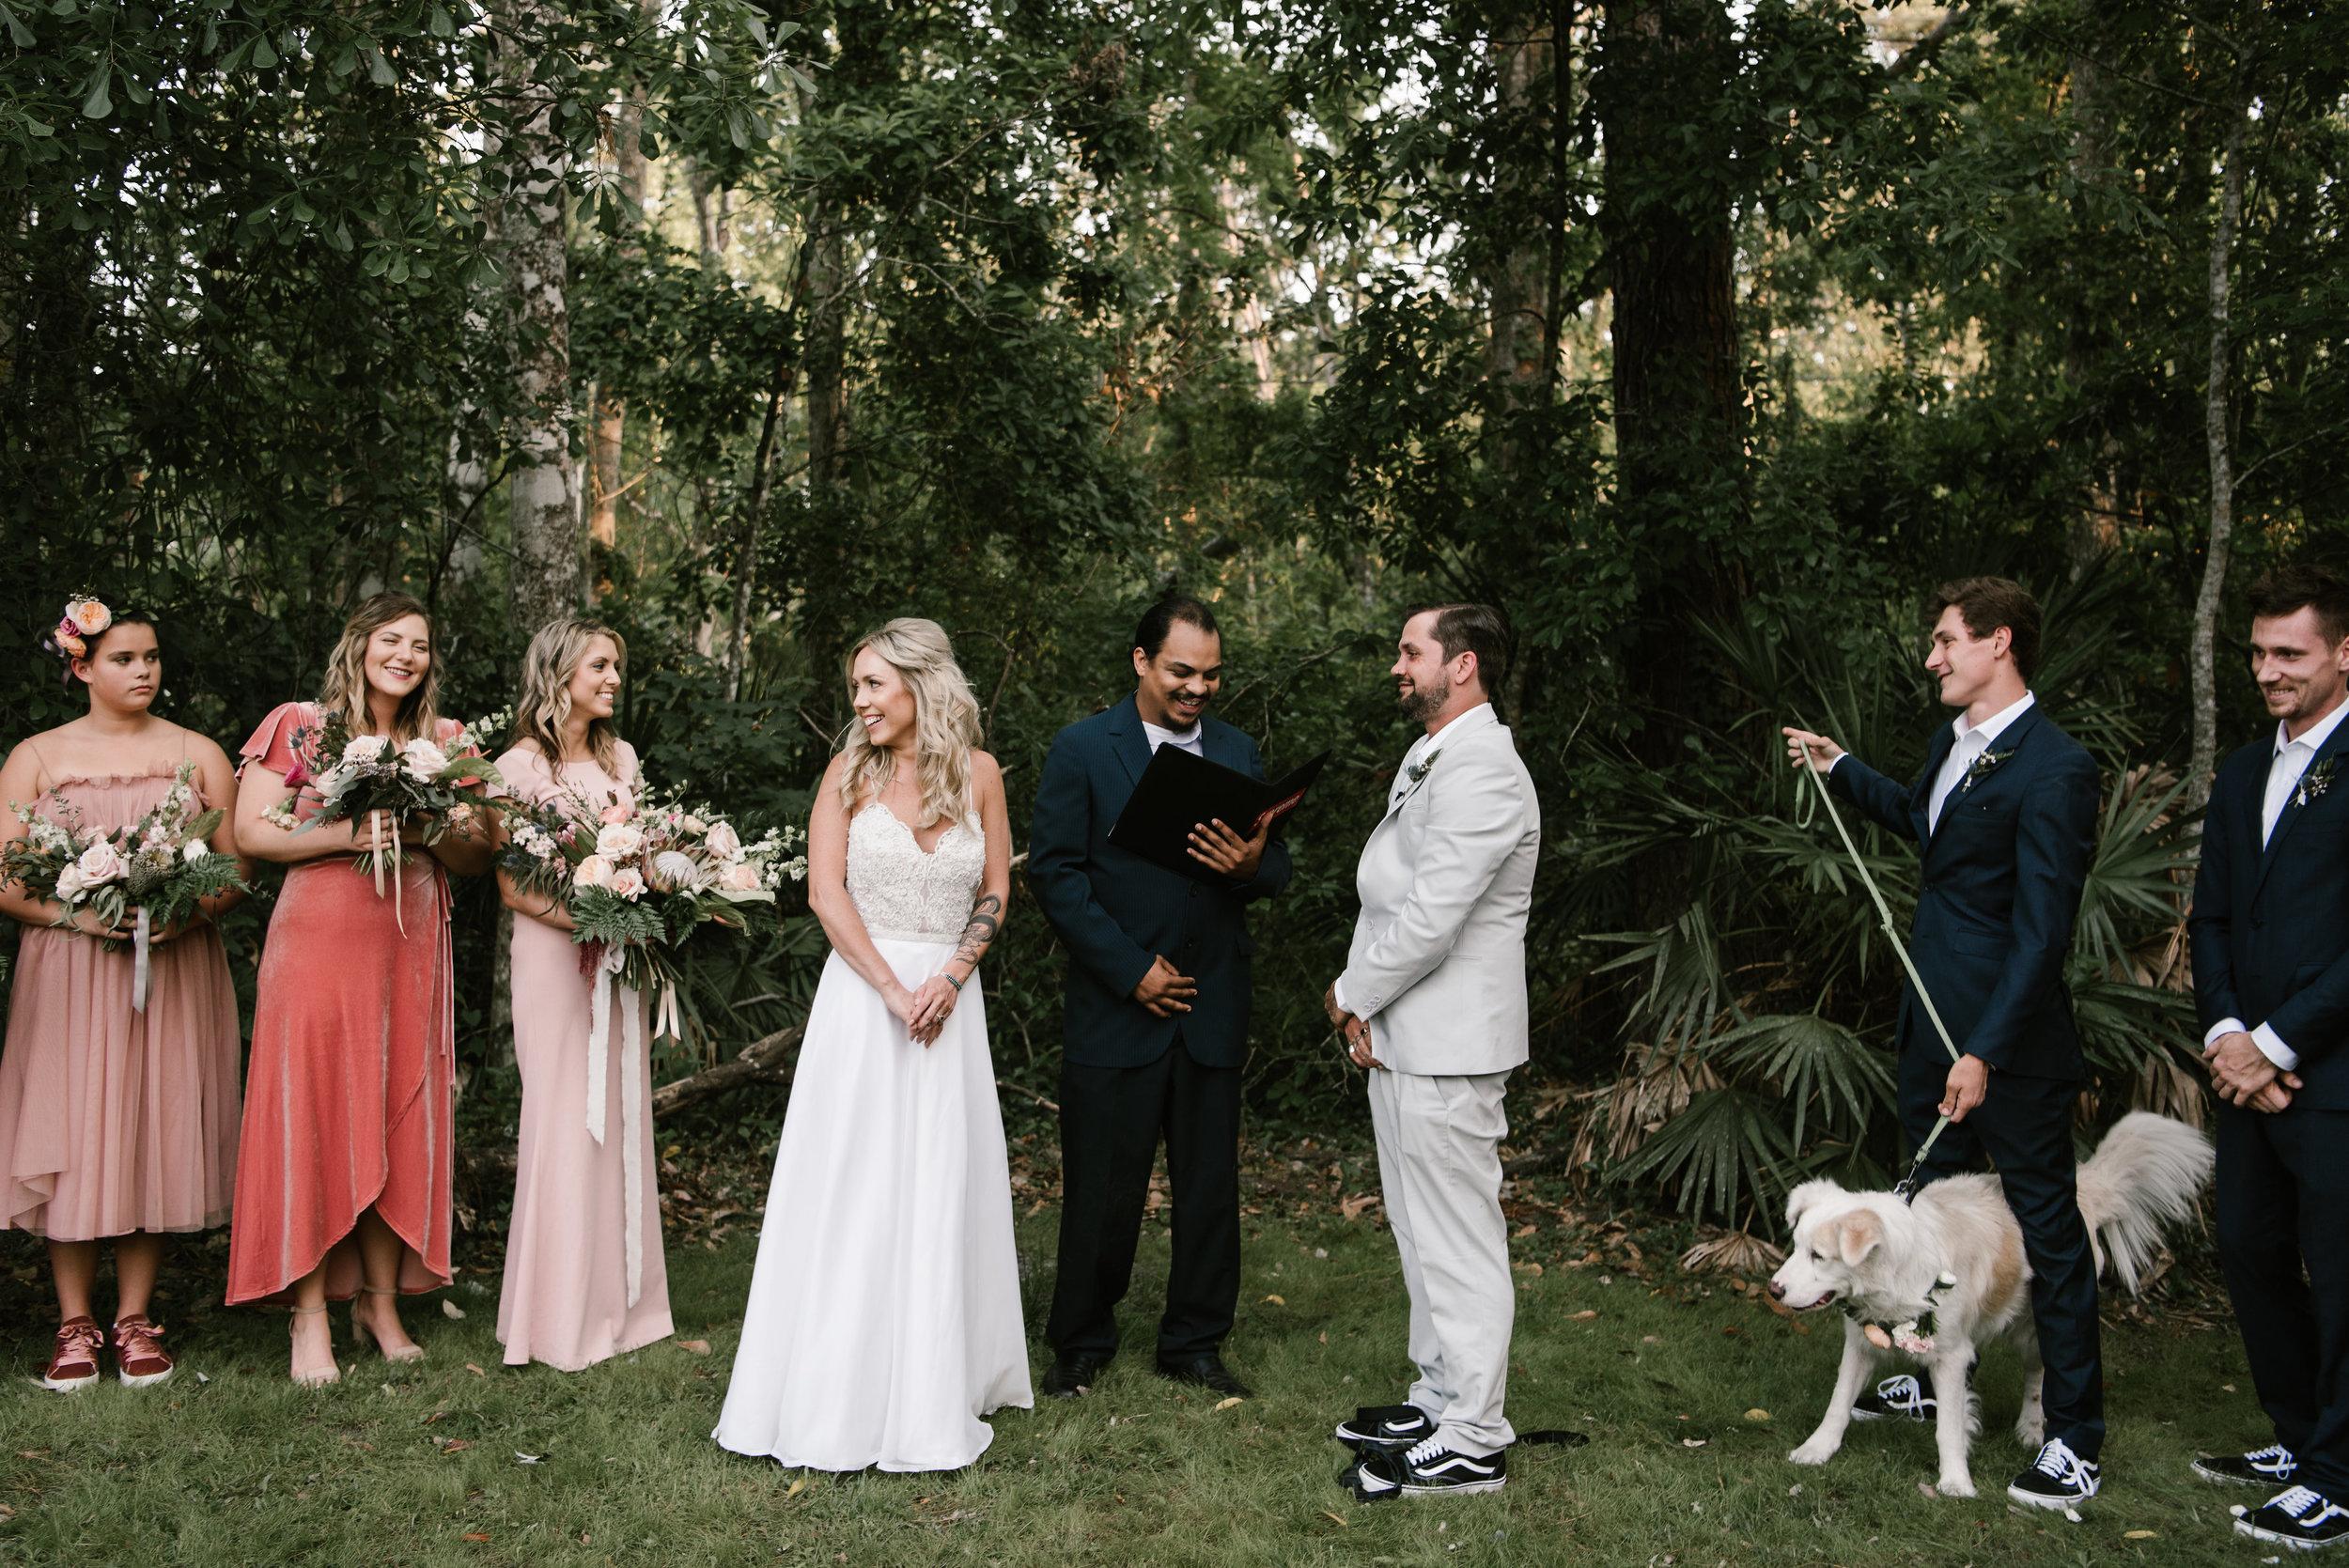 michelle-ronnie-backyard-wedding-482.jpg